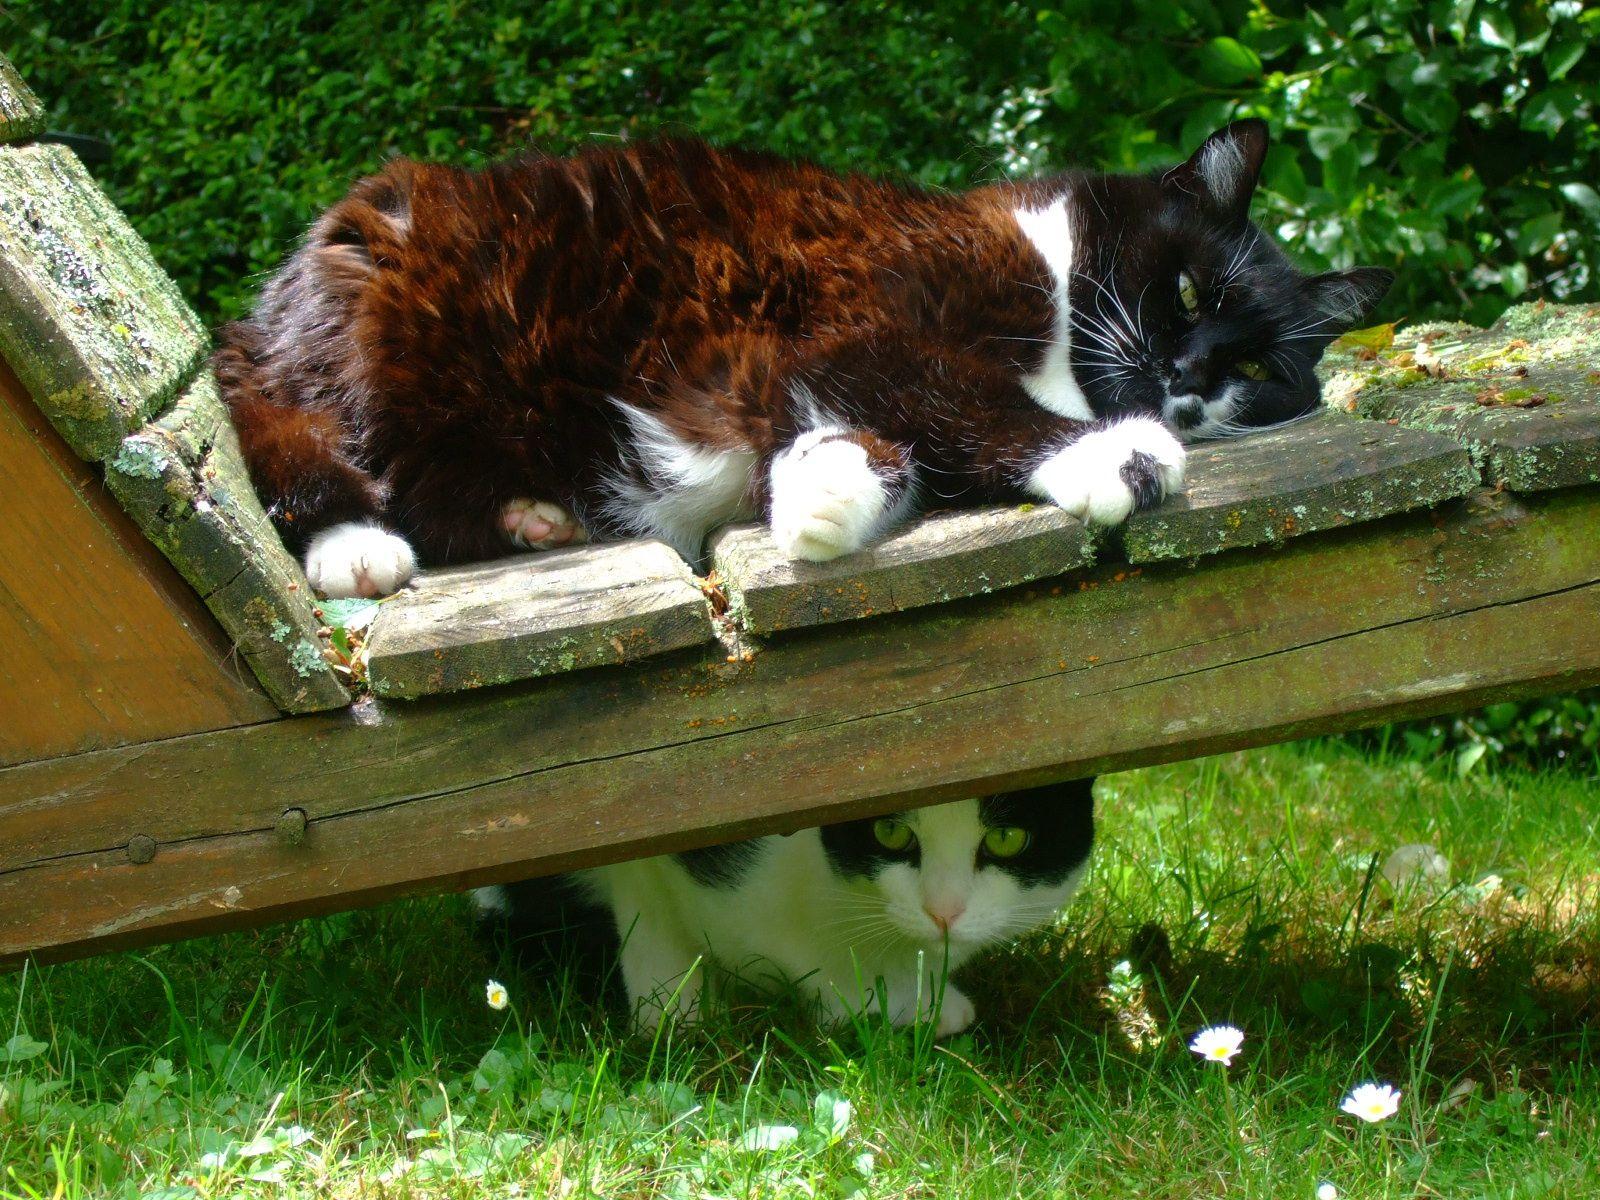 """Bonjour les gens, ce matin à 7h : 14° 3   Mes chats ne demandent pas à aller dehors la nuit,"""" pas bon signe"""", je me demande encore comment est-ce qu'ils peuvent savoir le temps qu'il fait alors qu'ils sont dans la maison !!! C'est la question du jour.... Bonne journée à tous et à toutes avec le sourire et bon dimanche. - (Minou et Isy)"""